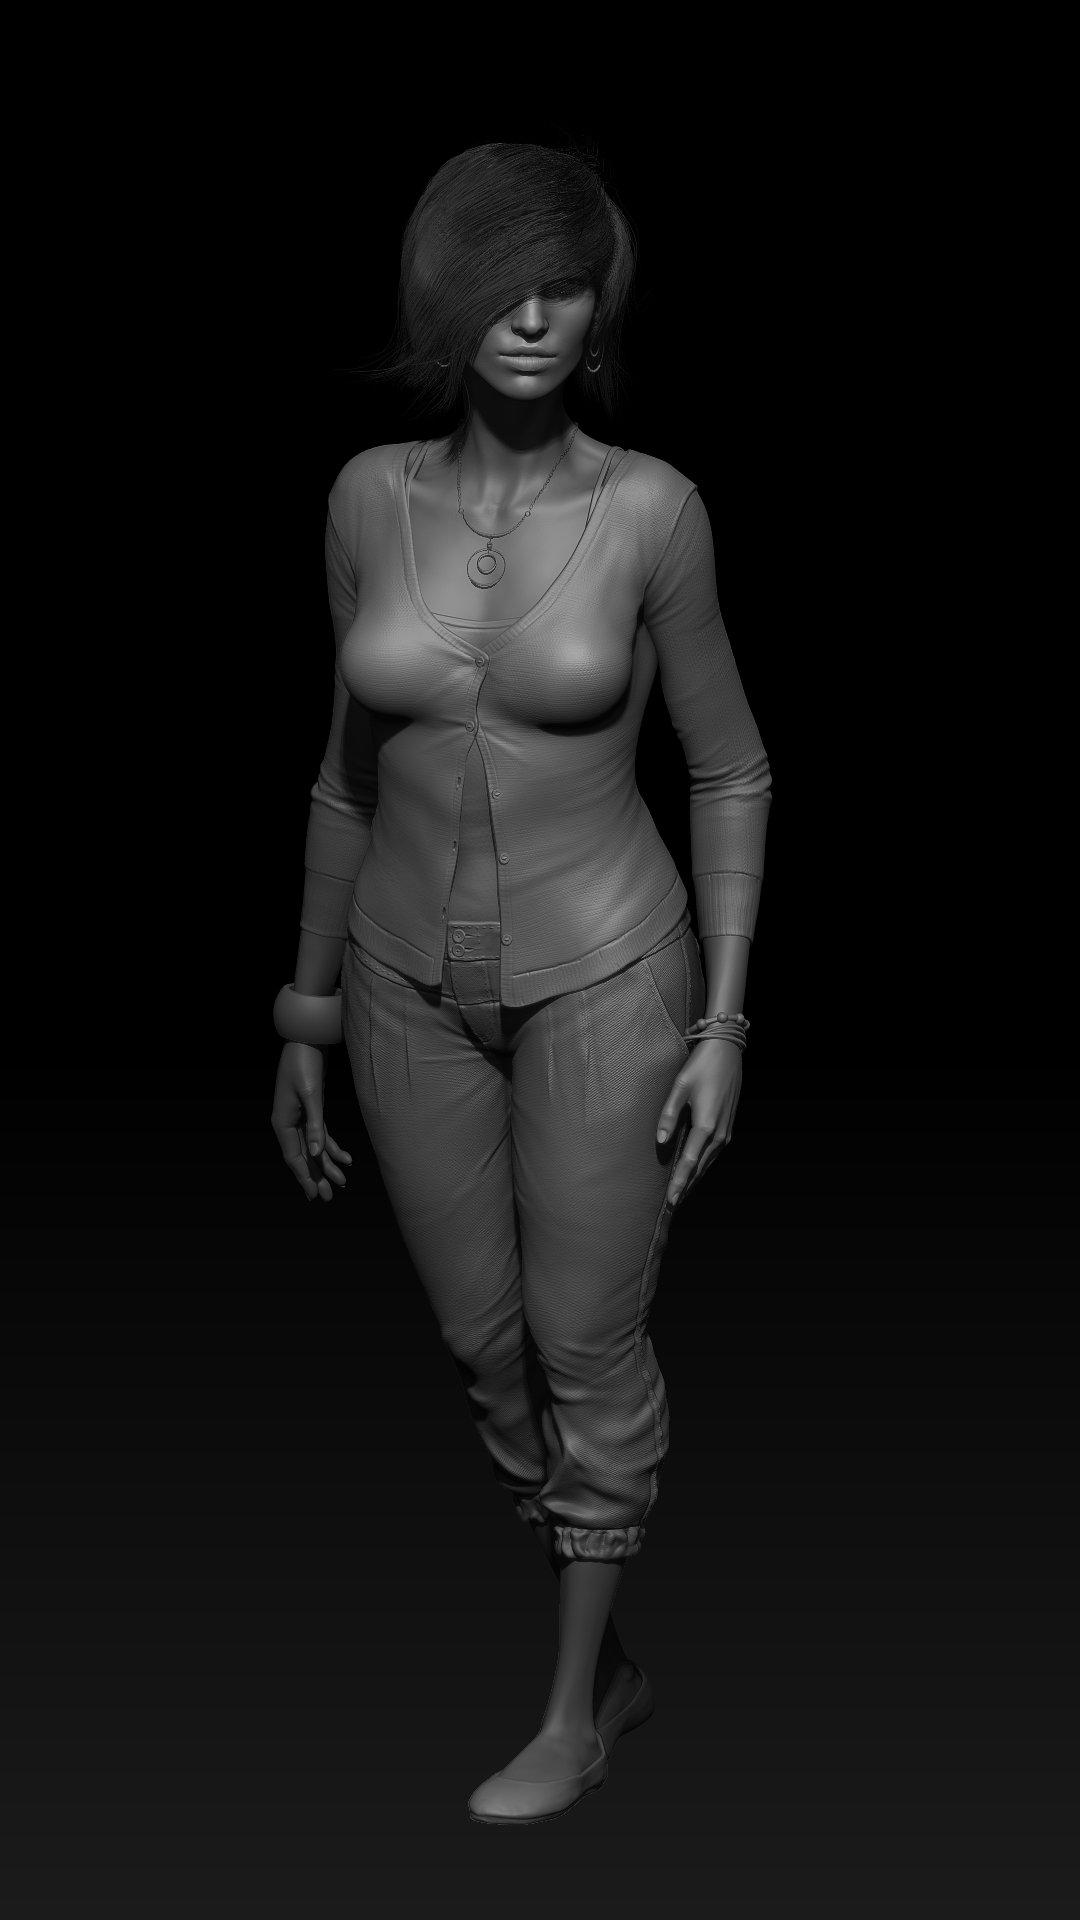 Woman 1